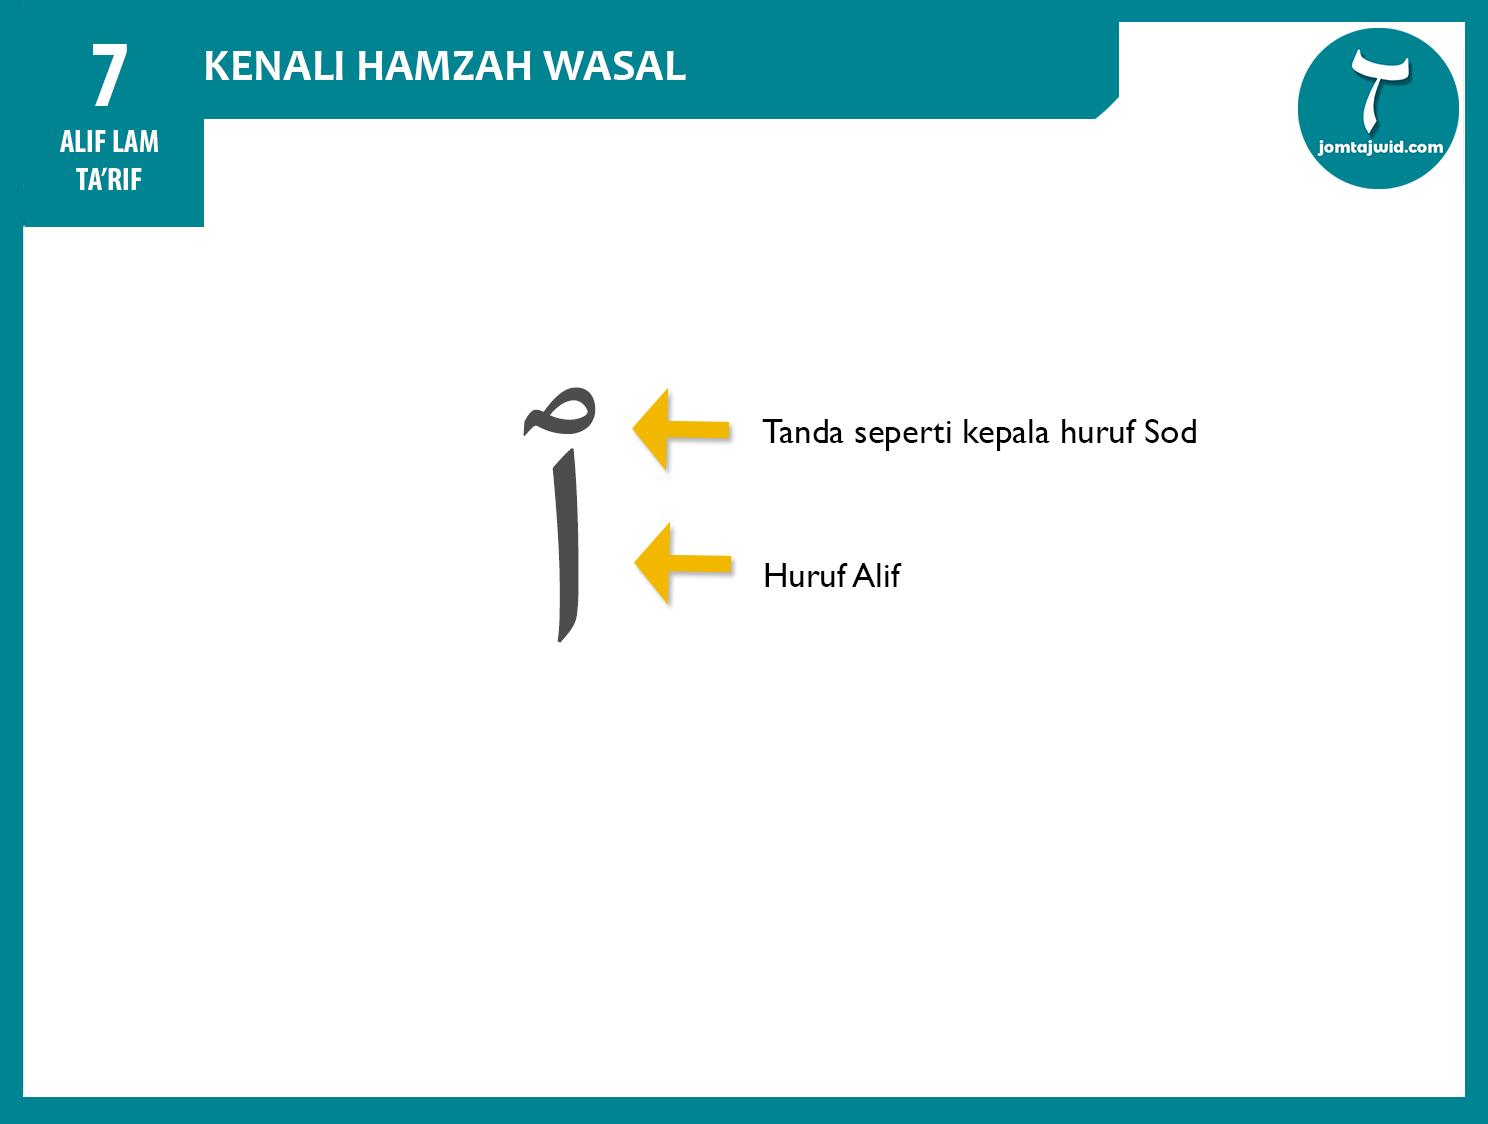 Alif Lam Hamzah Wasal